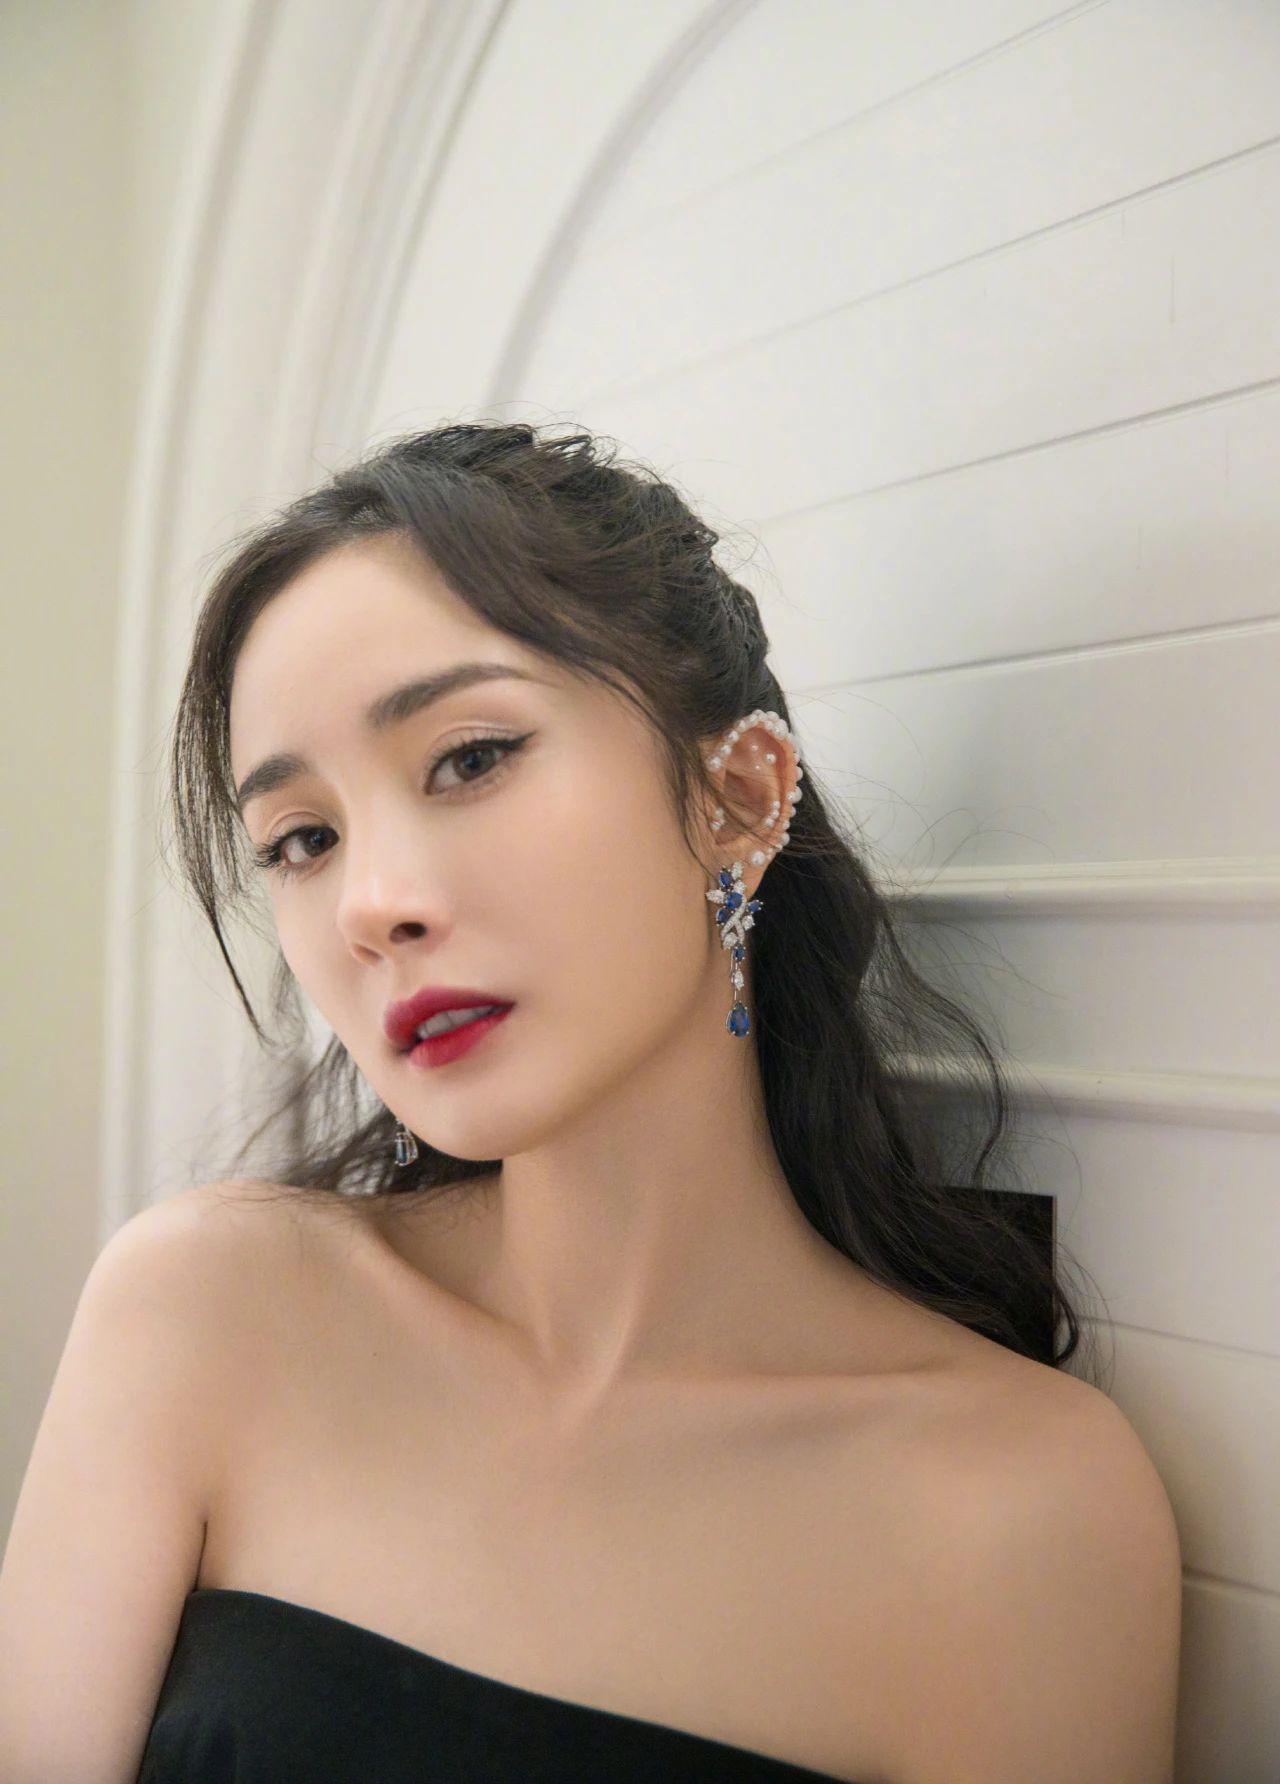 Dương Mịch là bà chúa mê khuyên tai khủng, xem mà thán phục về độ chịu chơi của cô - Ảnh 10.